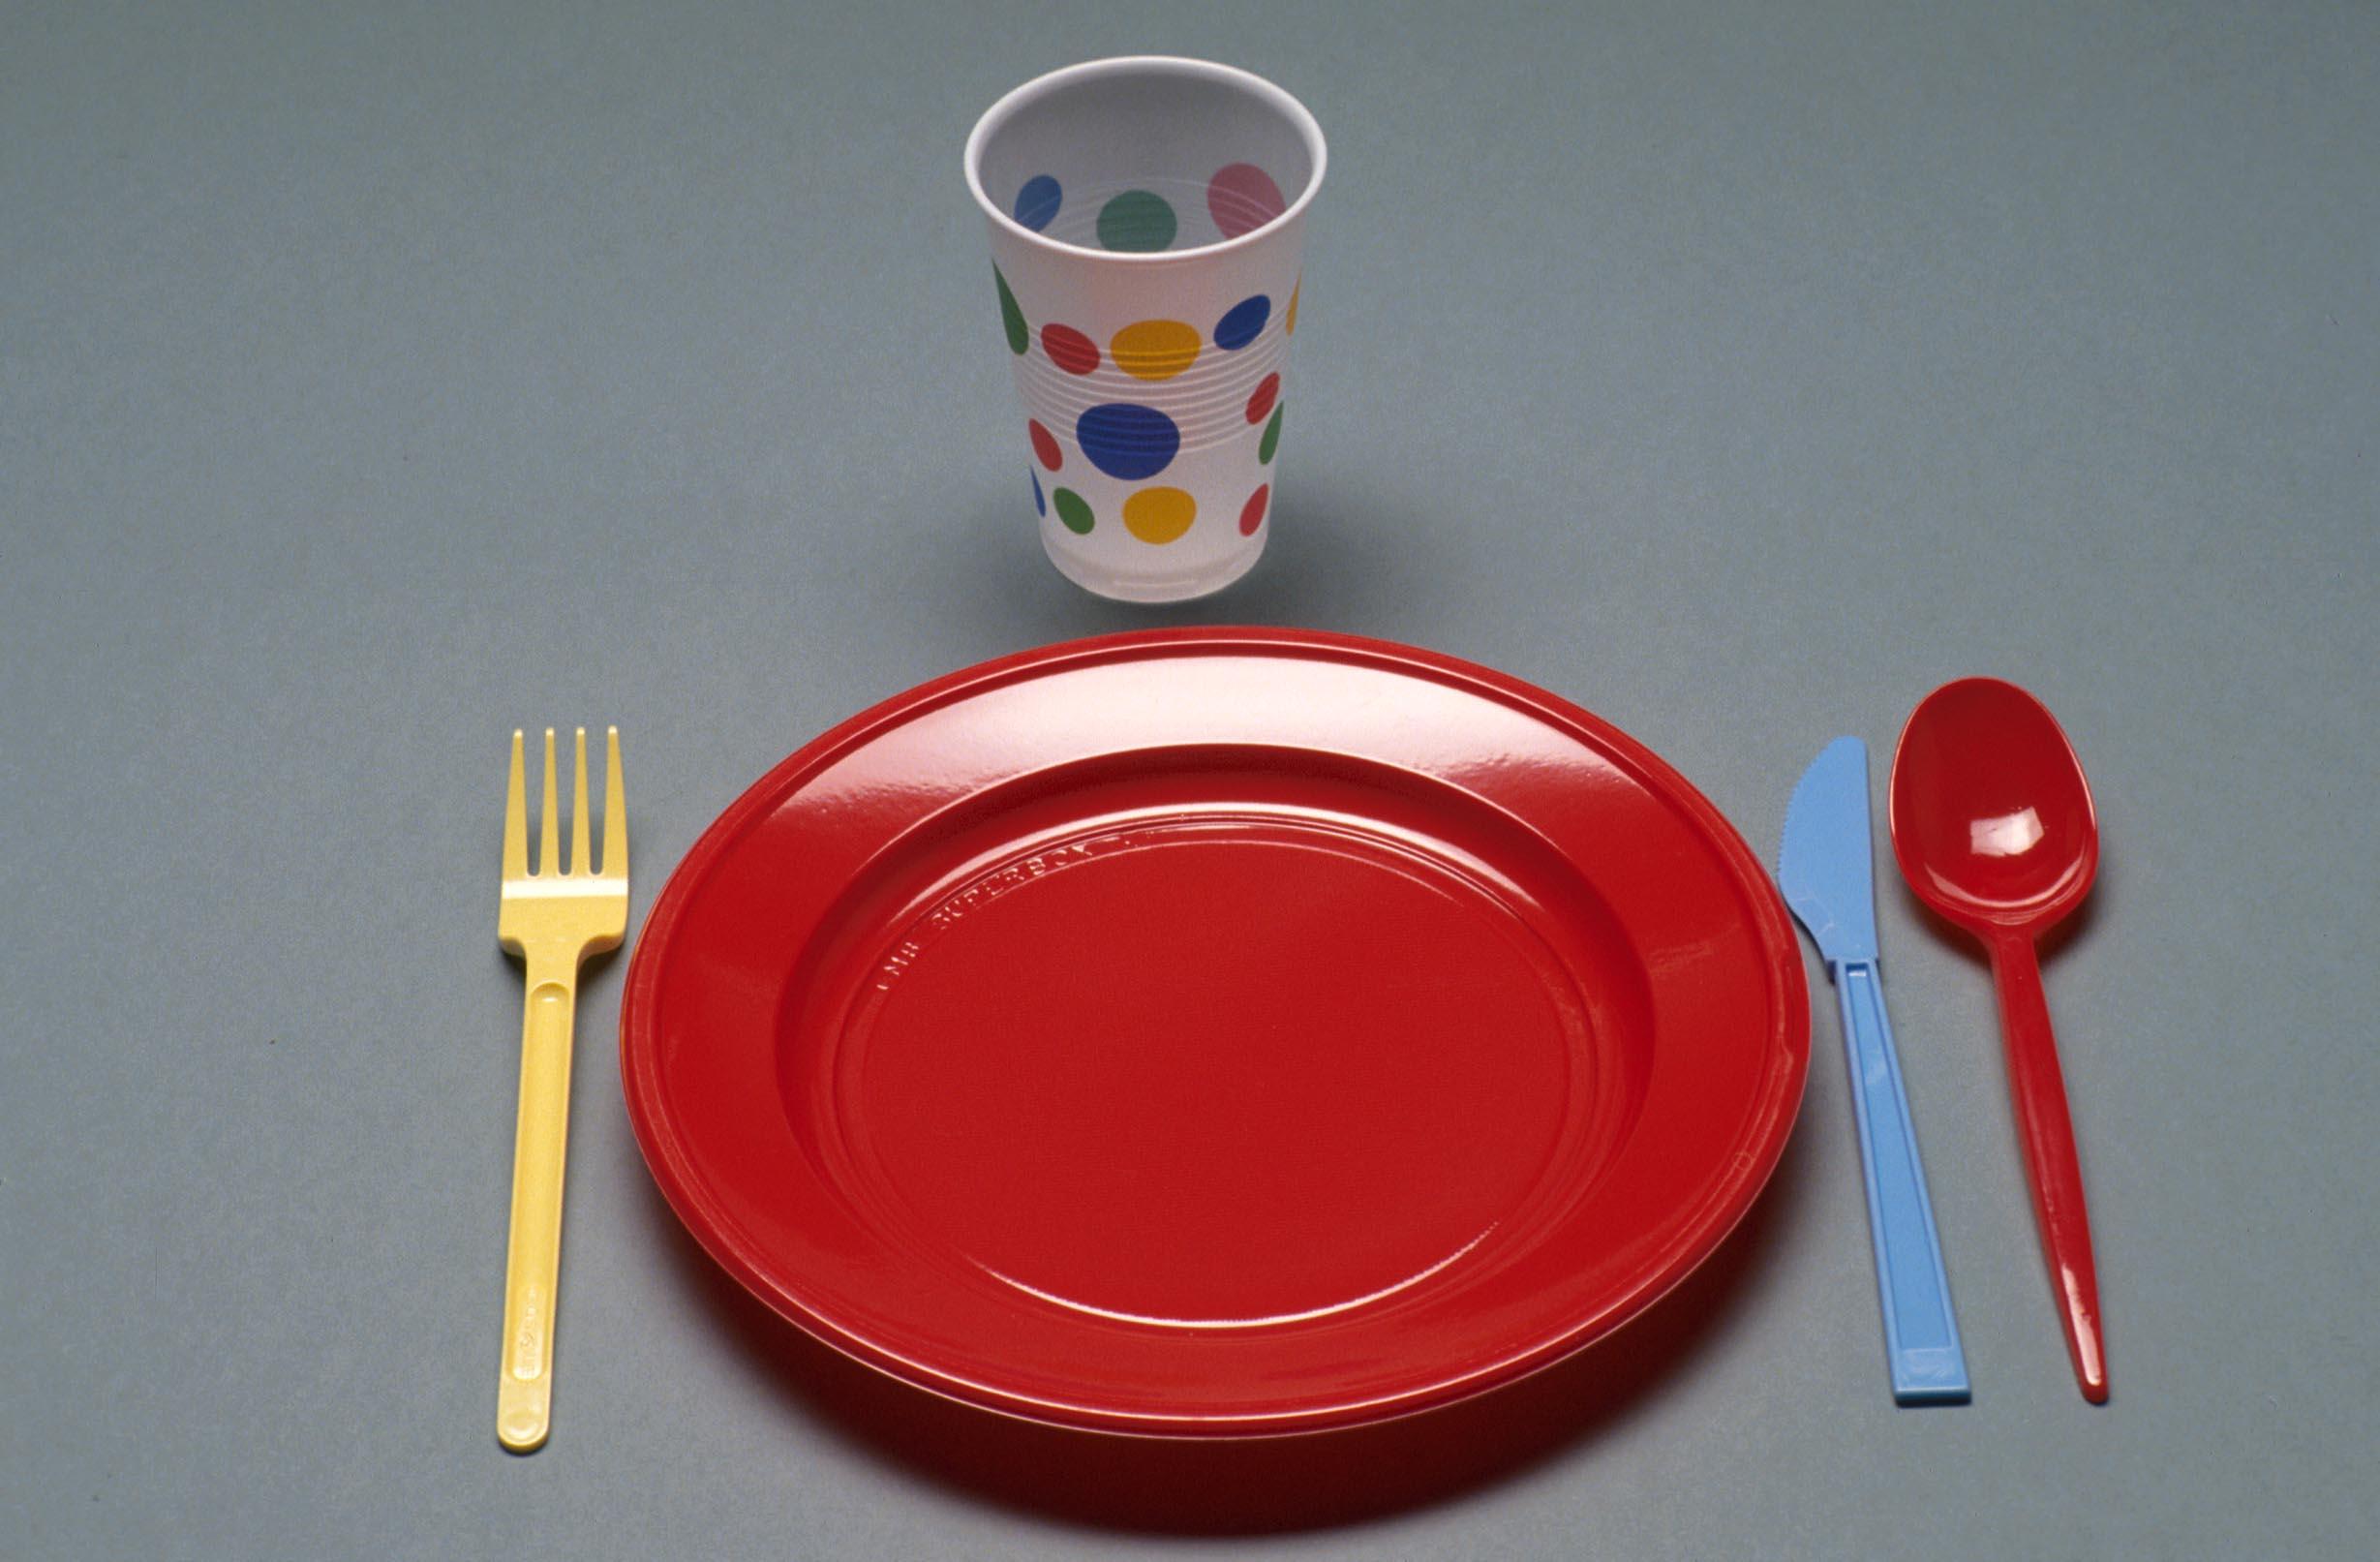 Piatti e bicchieri di plastica meglio bio l 39 eco di for Piatti e bicchieri colorati